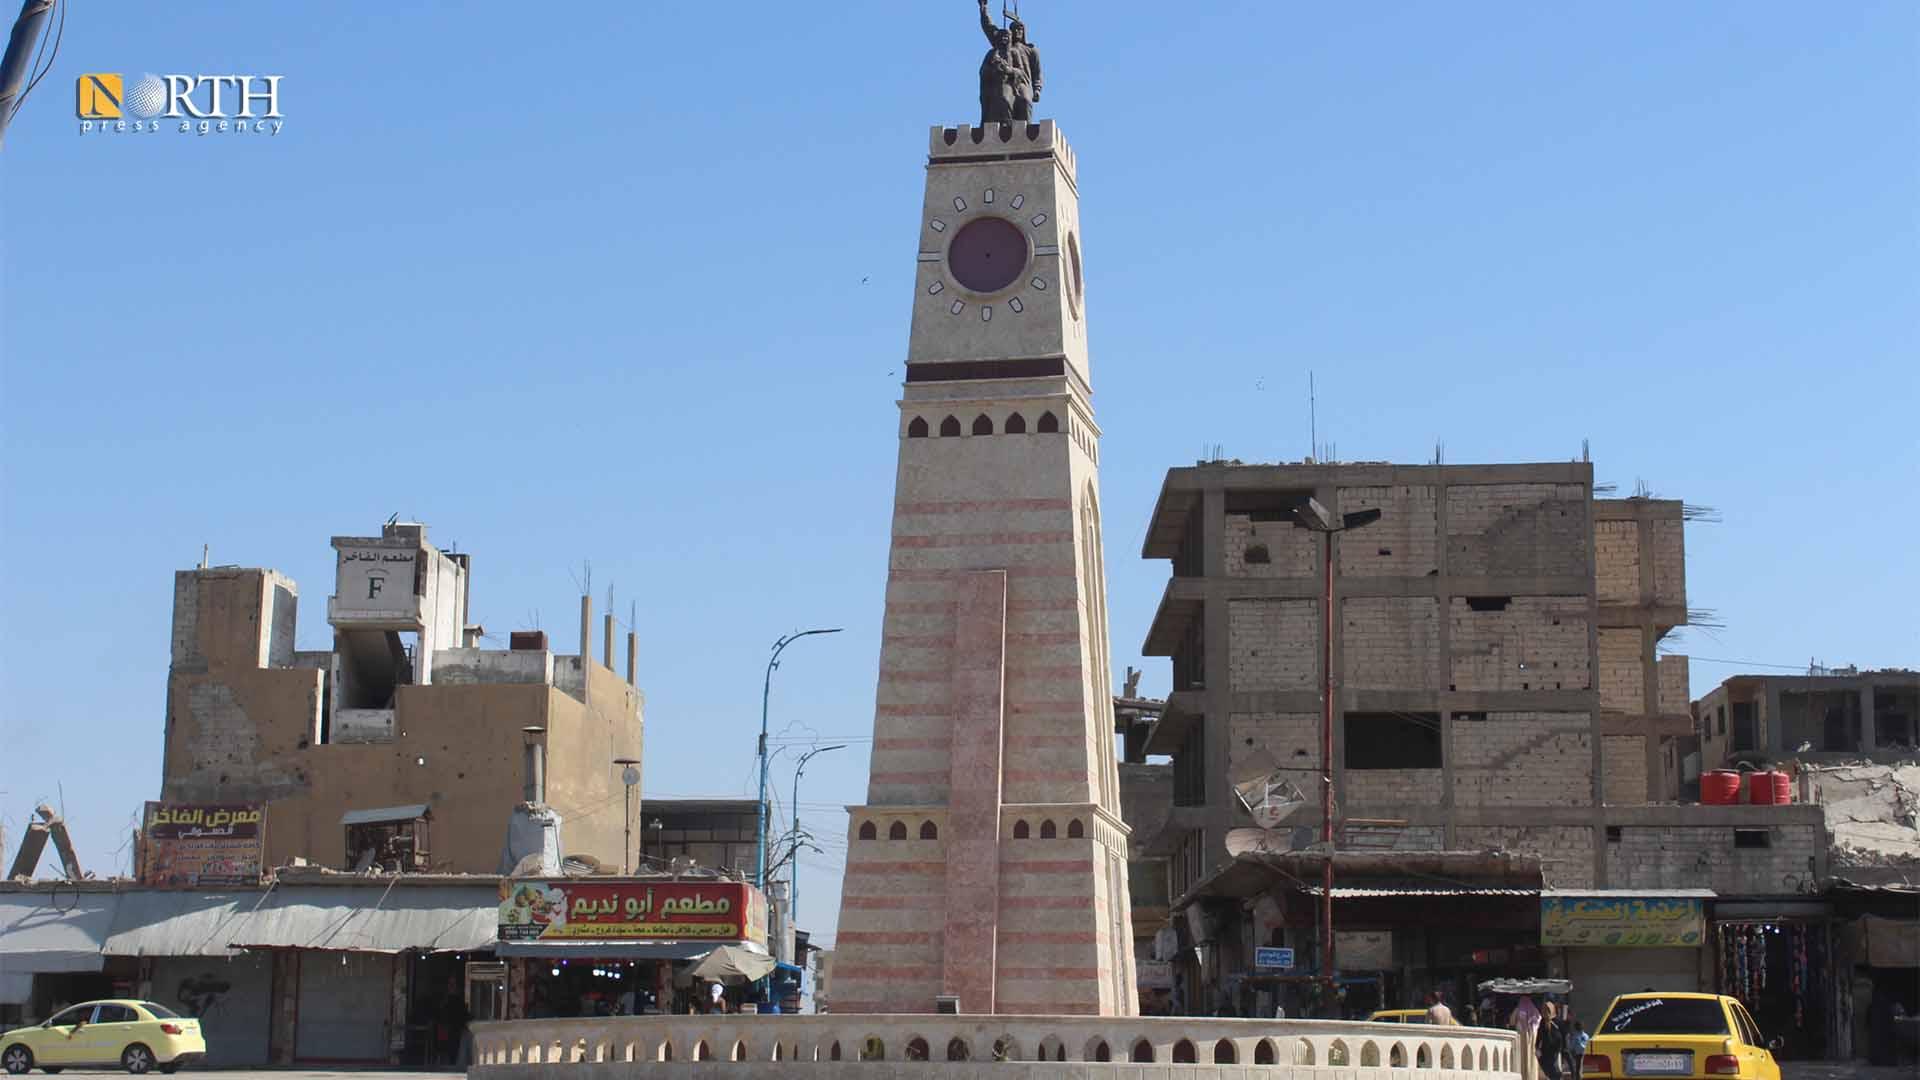 Al-Sa'a (Clock) Roundabout in Raqqa- North Press